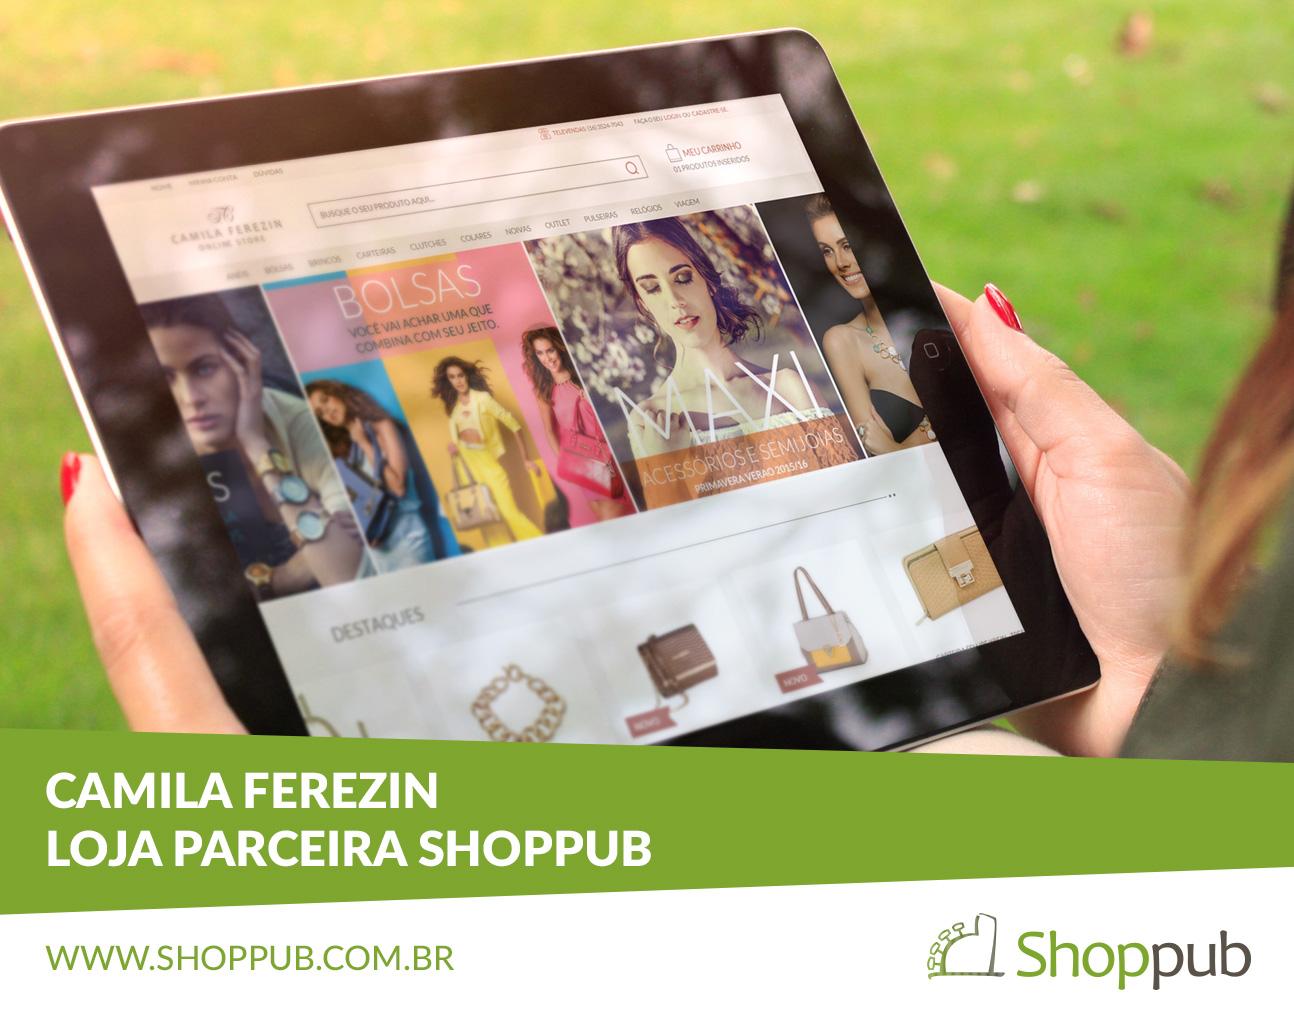 Camila Ferezin – Loja Parceira Shoppub